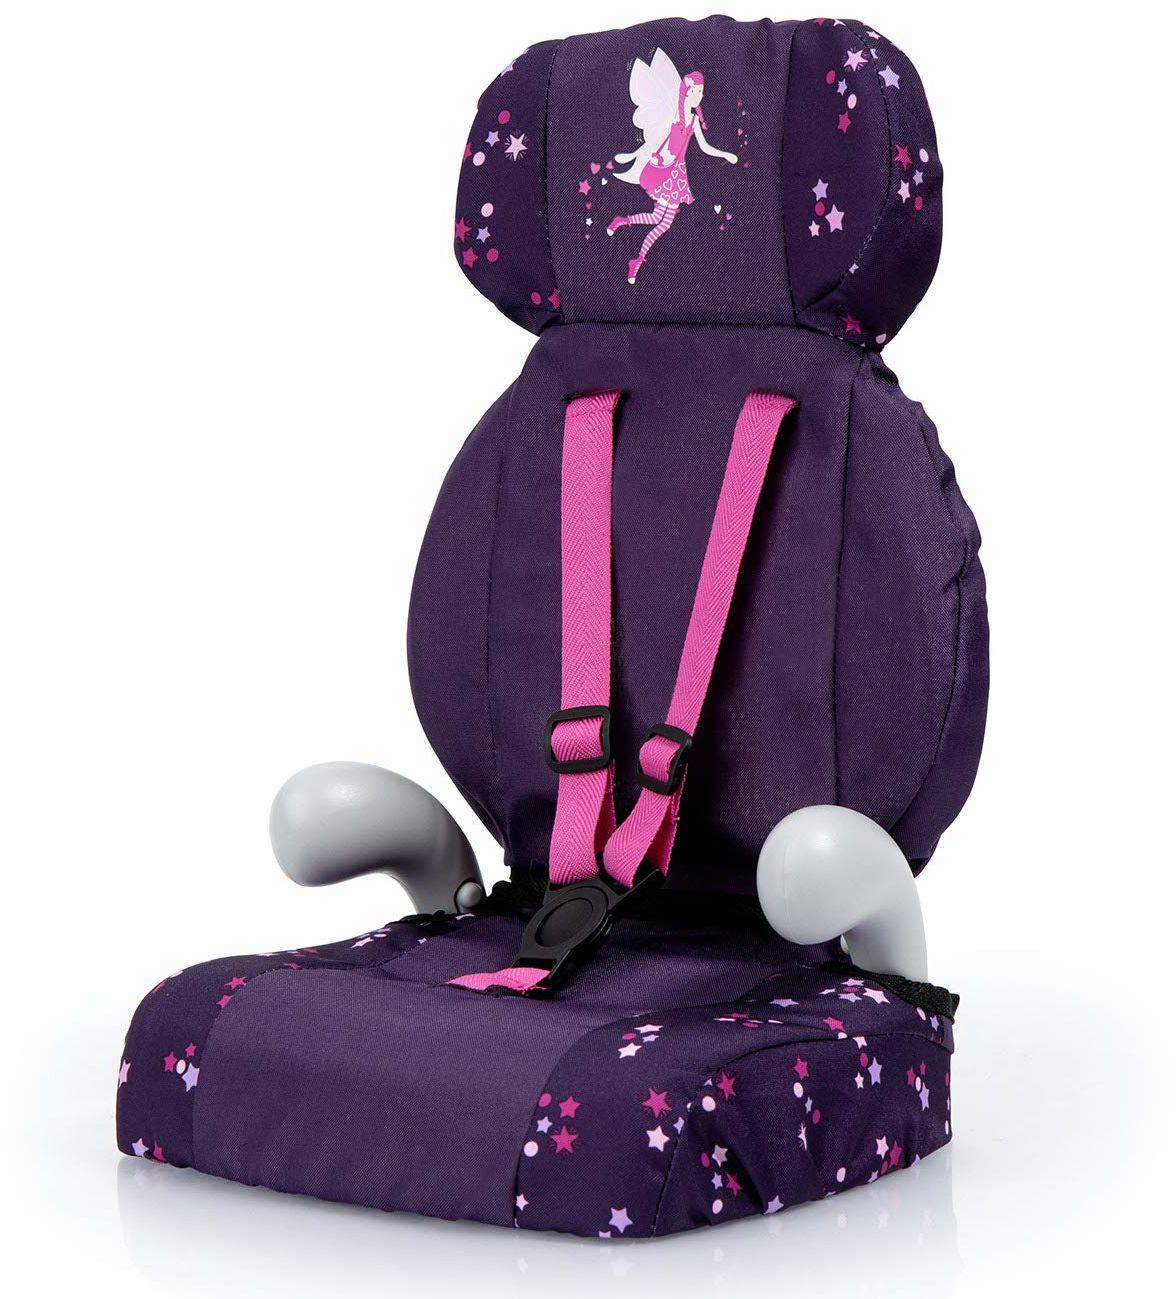 Bayer Design 67579AA Deluxe fotelik samochodowy, akcesoria dla lalek, zabawka dla chłopców i dziewcząt, z paskiem, fioletowy, z wróżką i wzorem